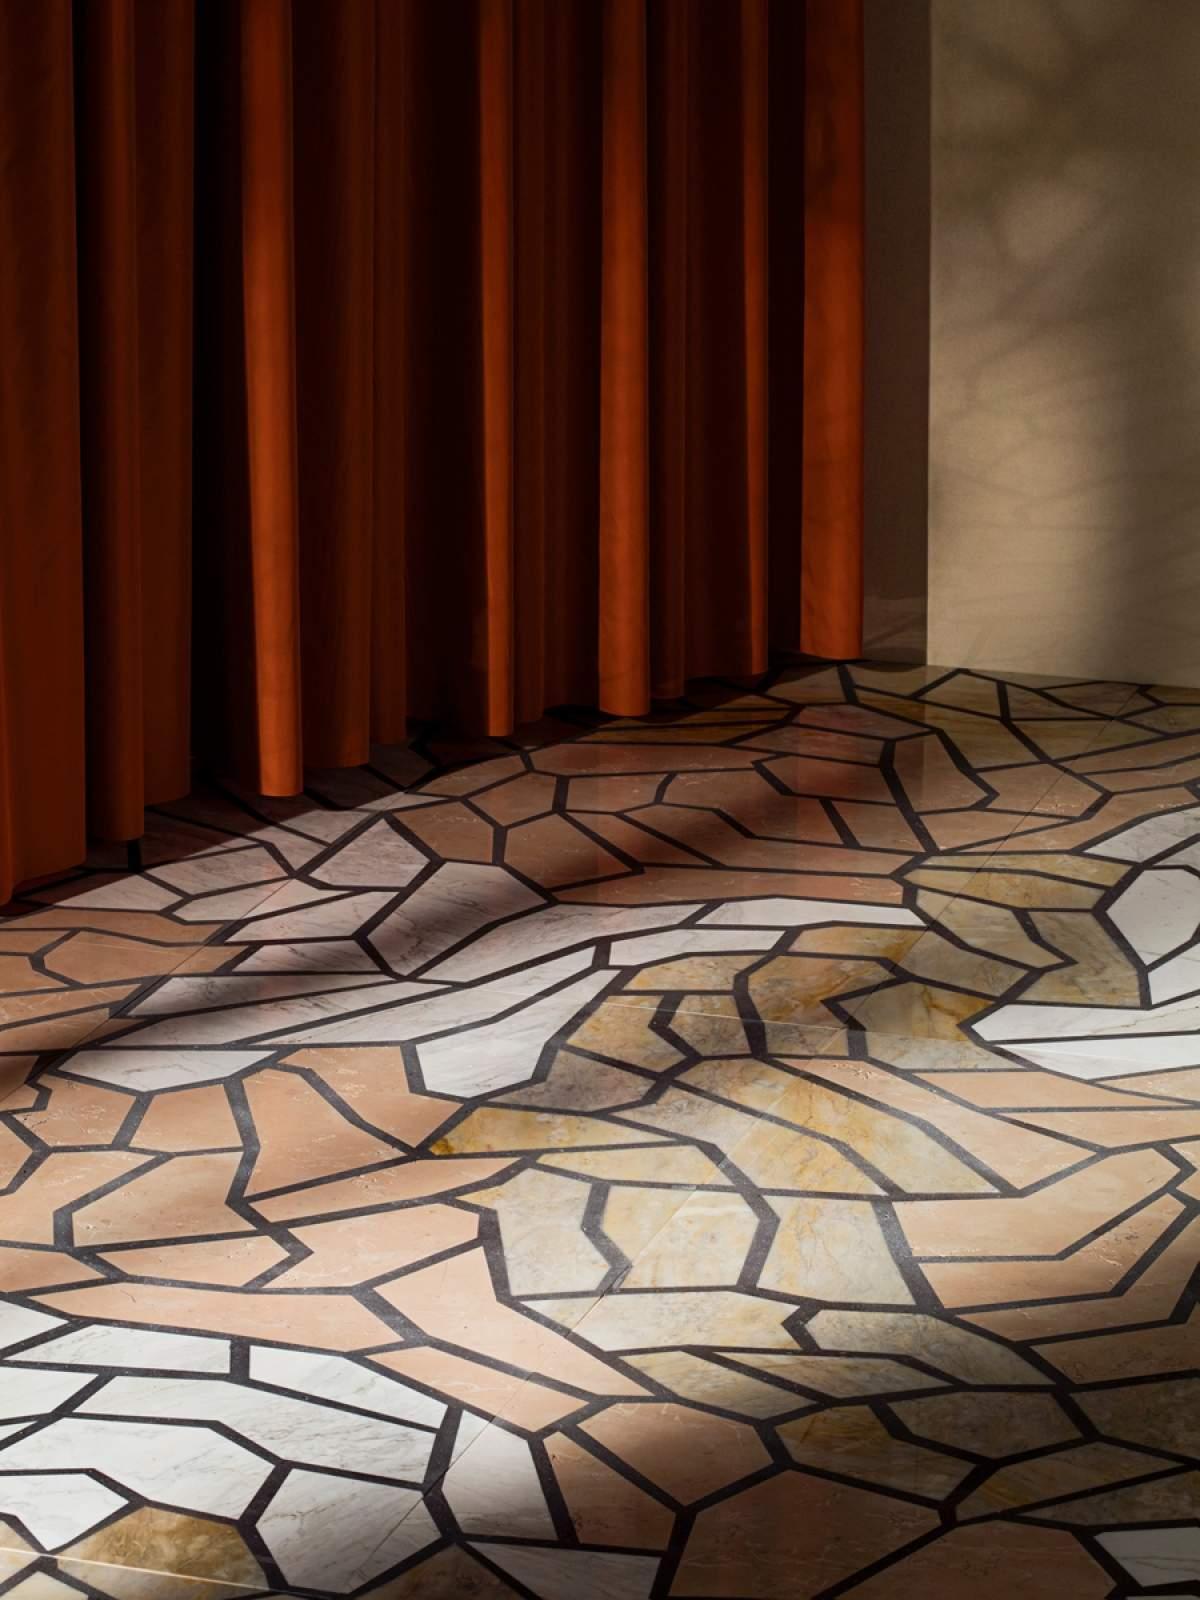 Opus certum - Vague, design Zanellato/Bortotto